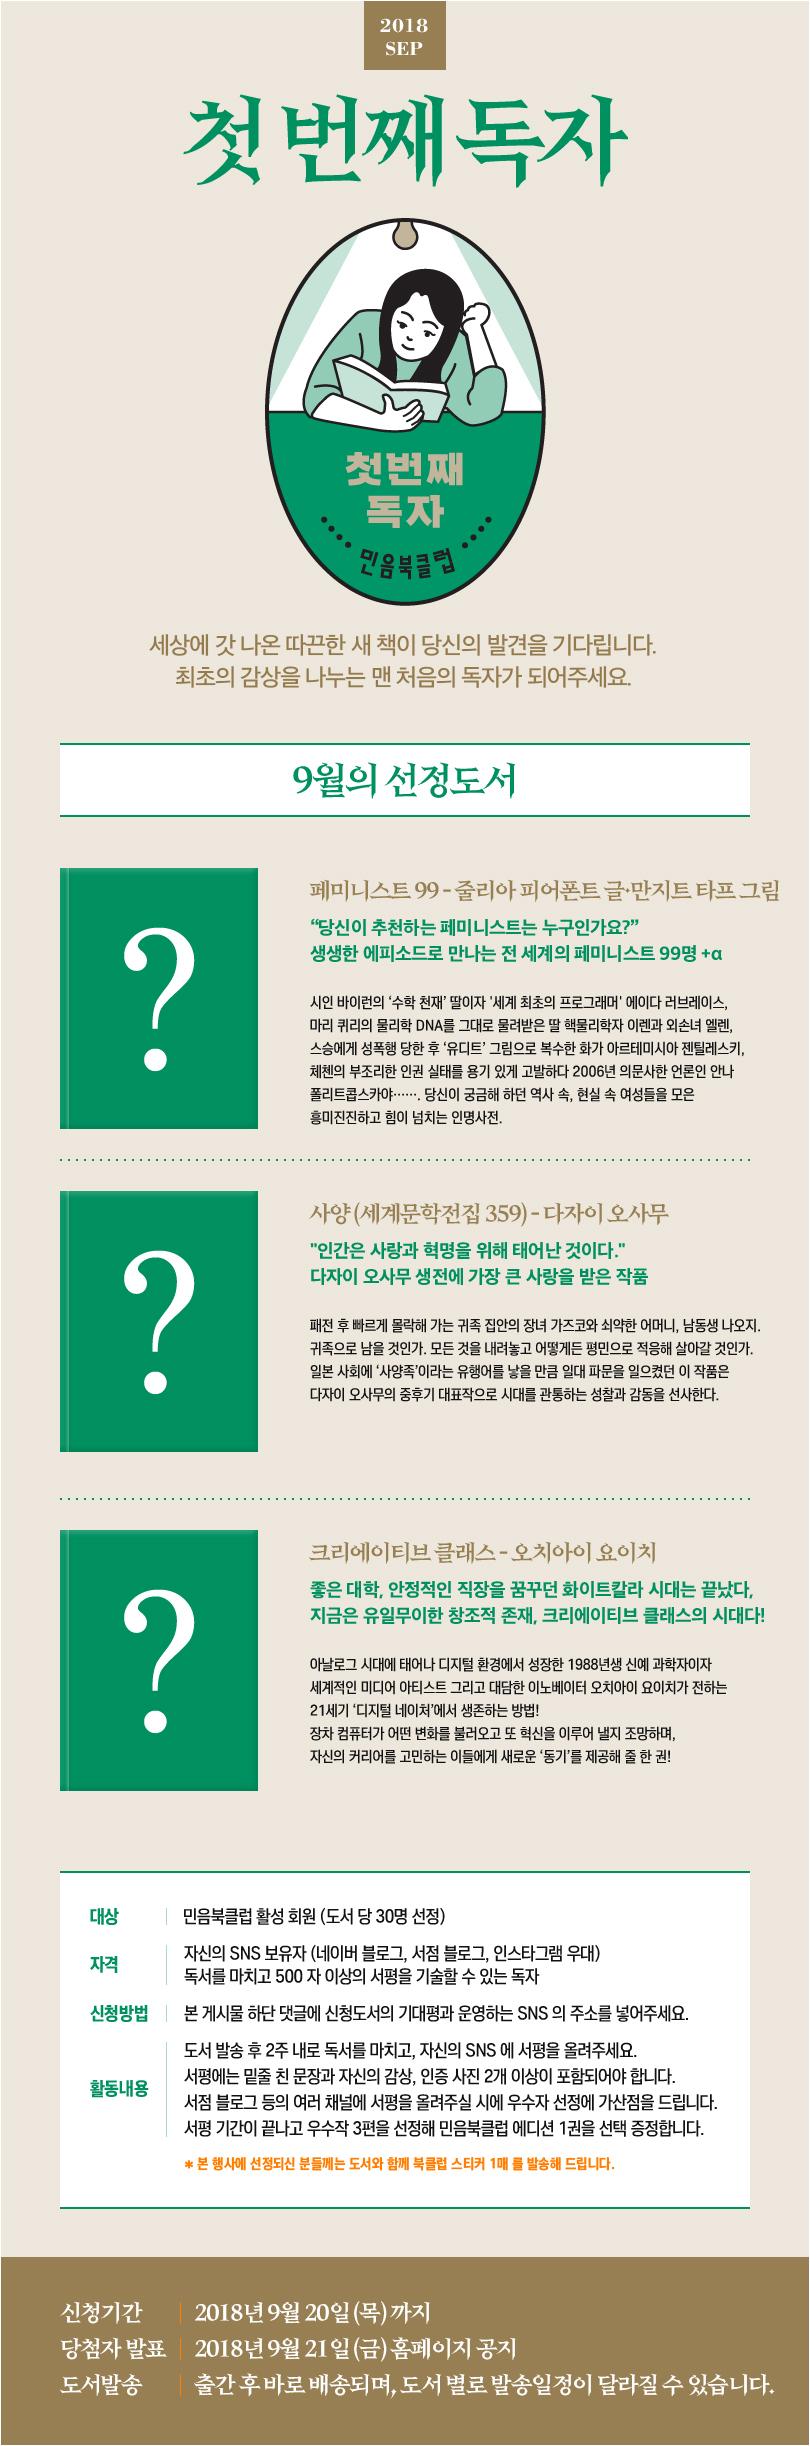 810_민음북클럽_첫번째독자 (5)